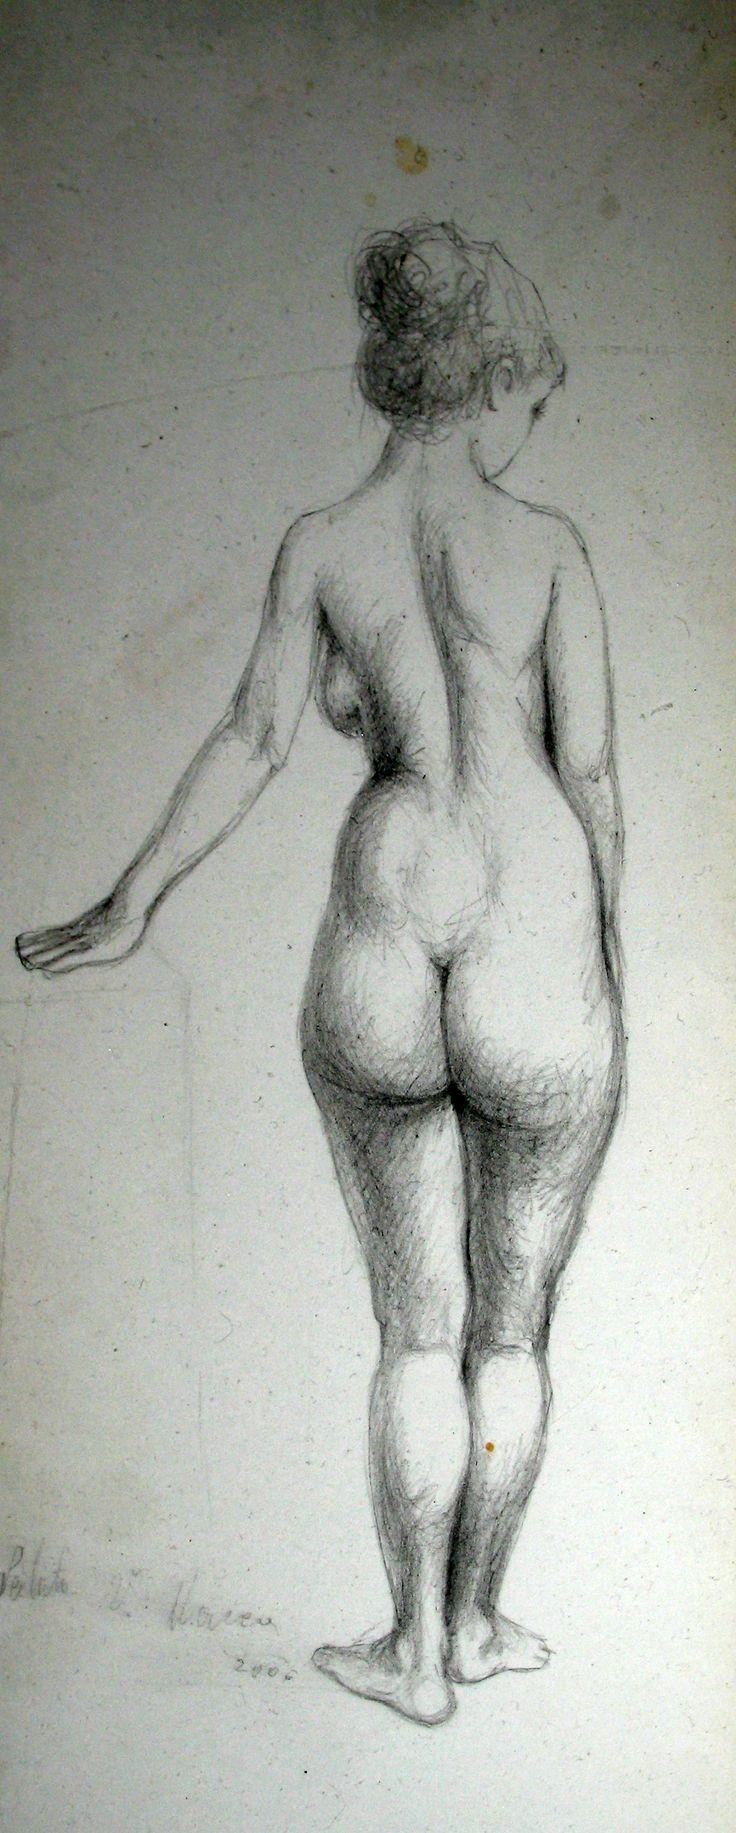 studiu de nud feminin vazut din spate, contrapost cu sprijin. creion, detaliu